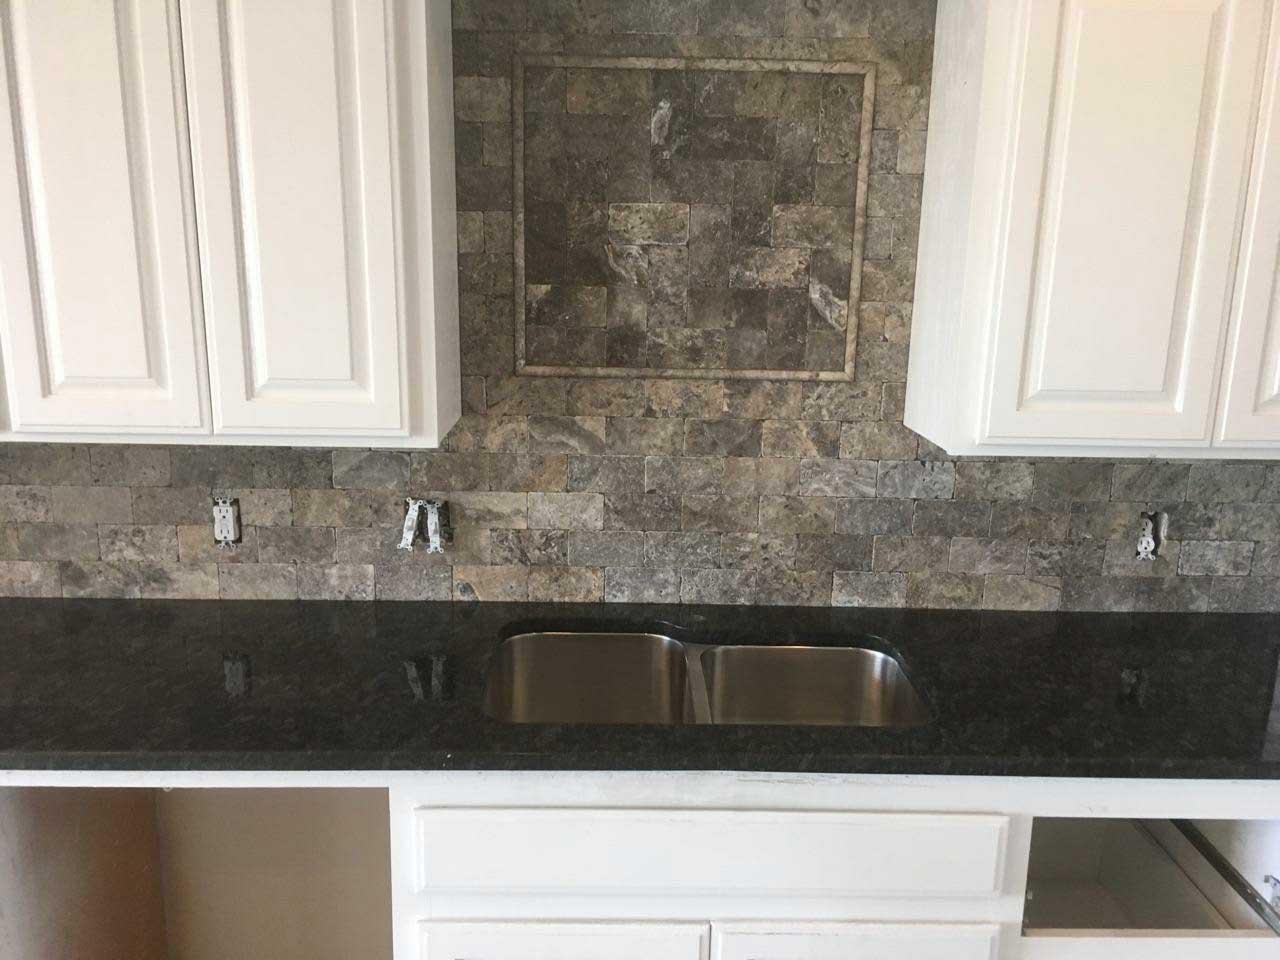 Oklahoma granite kitchen white cabinets Dark Granite travertine backsplash